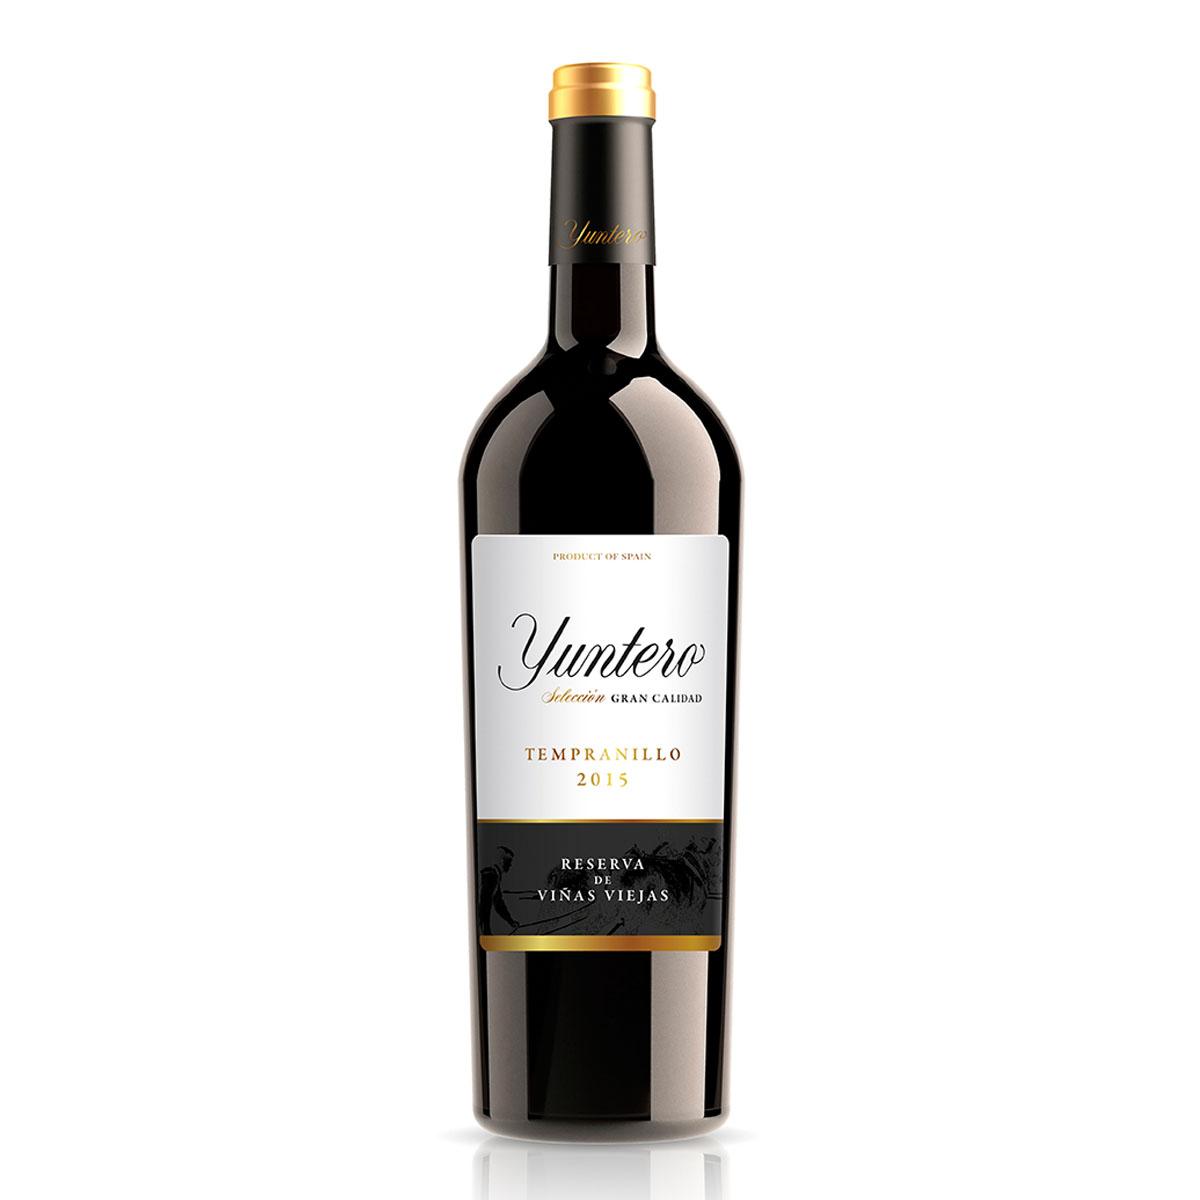 西班牙YUNTERO RESERVA 优雅丹宁干红葡萄酒